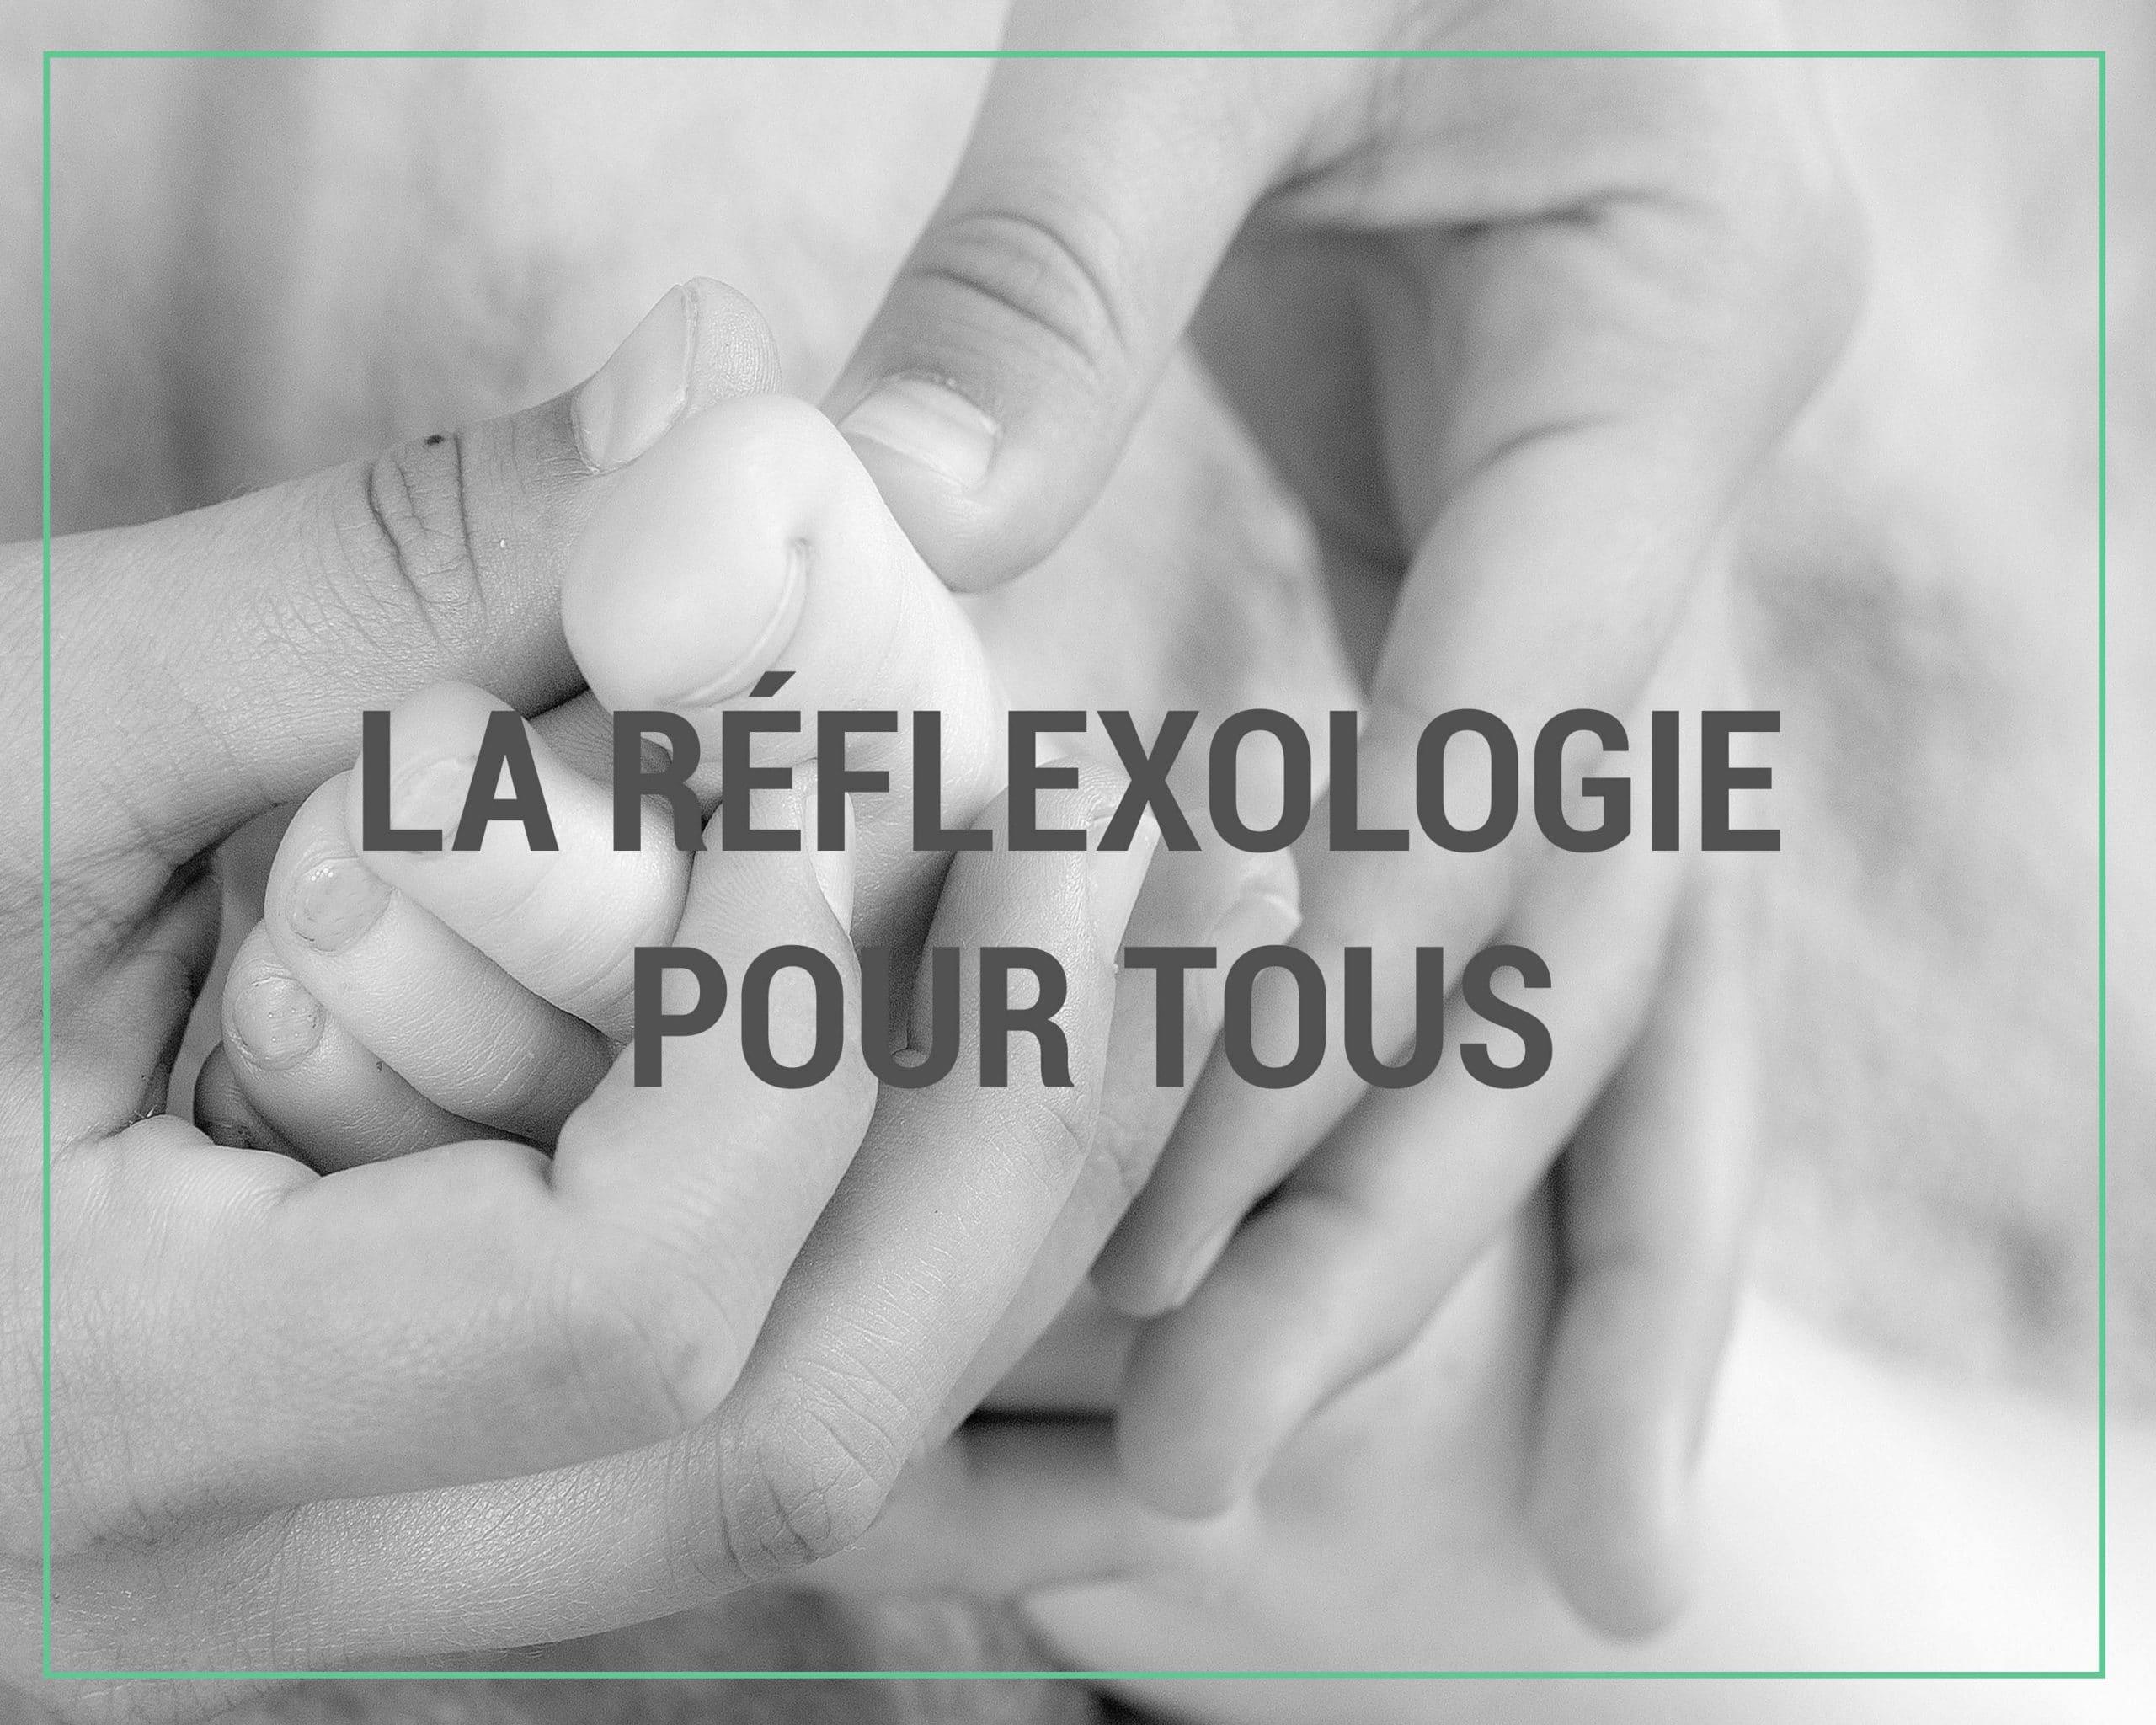 consultation réflexologie nantes, la réflexo pour tous